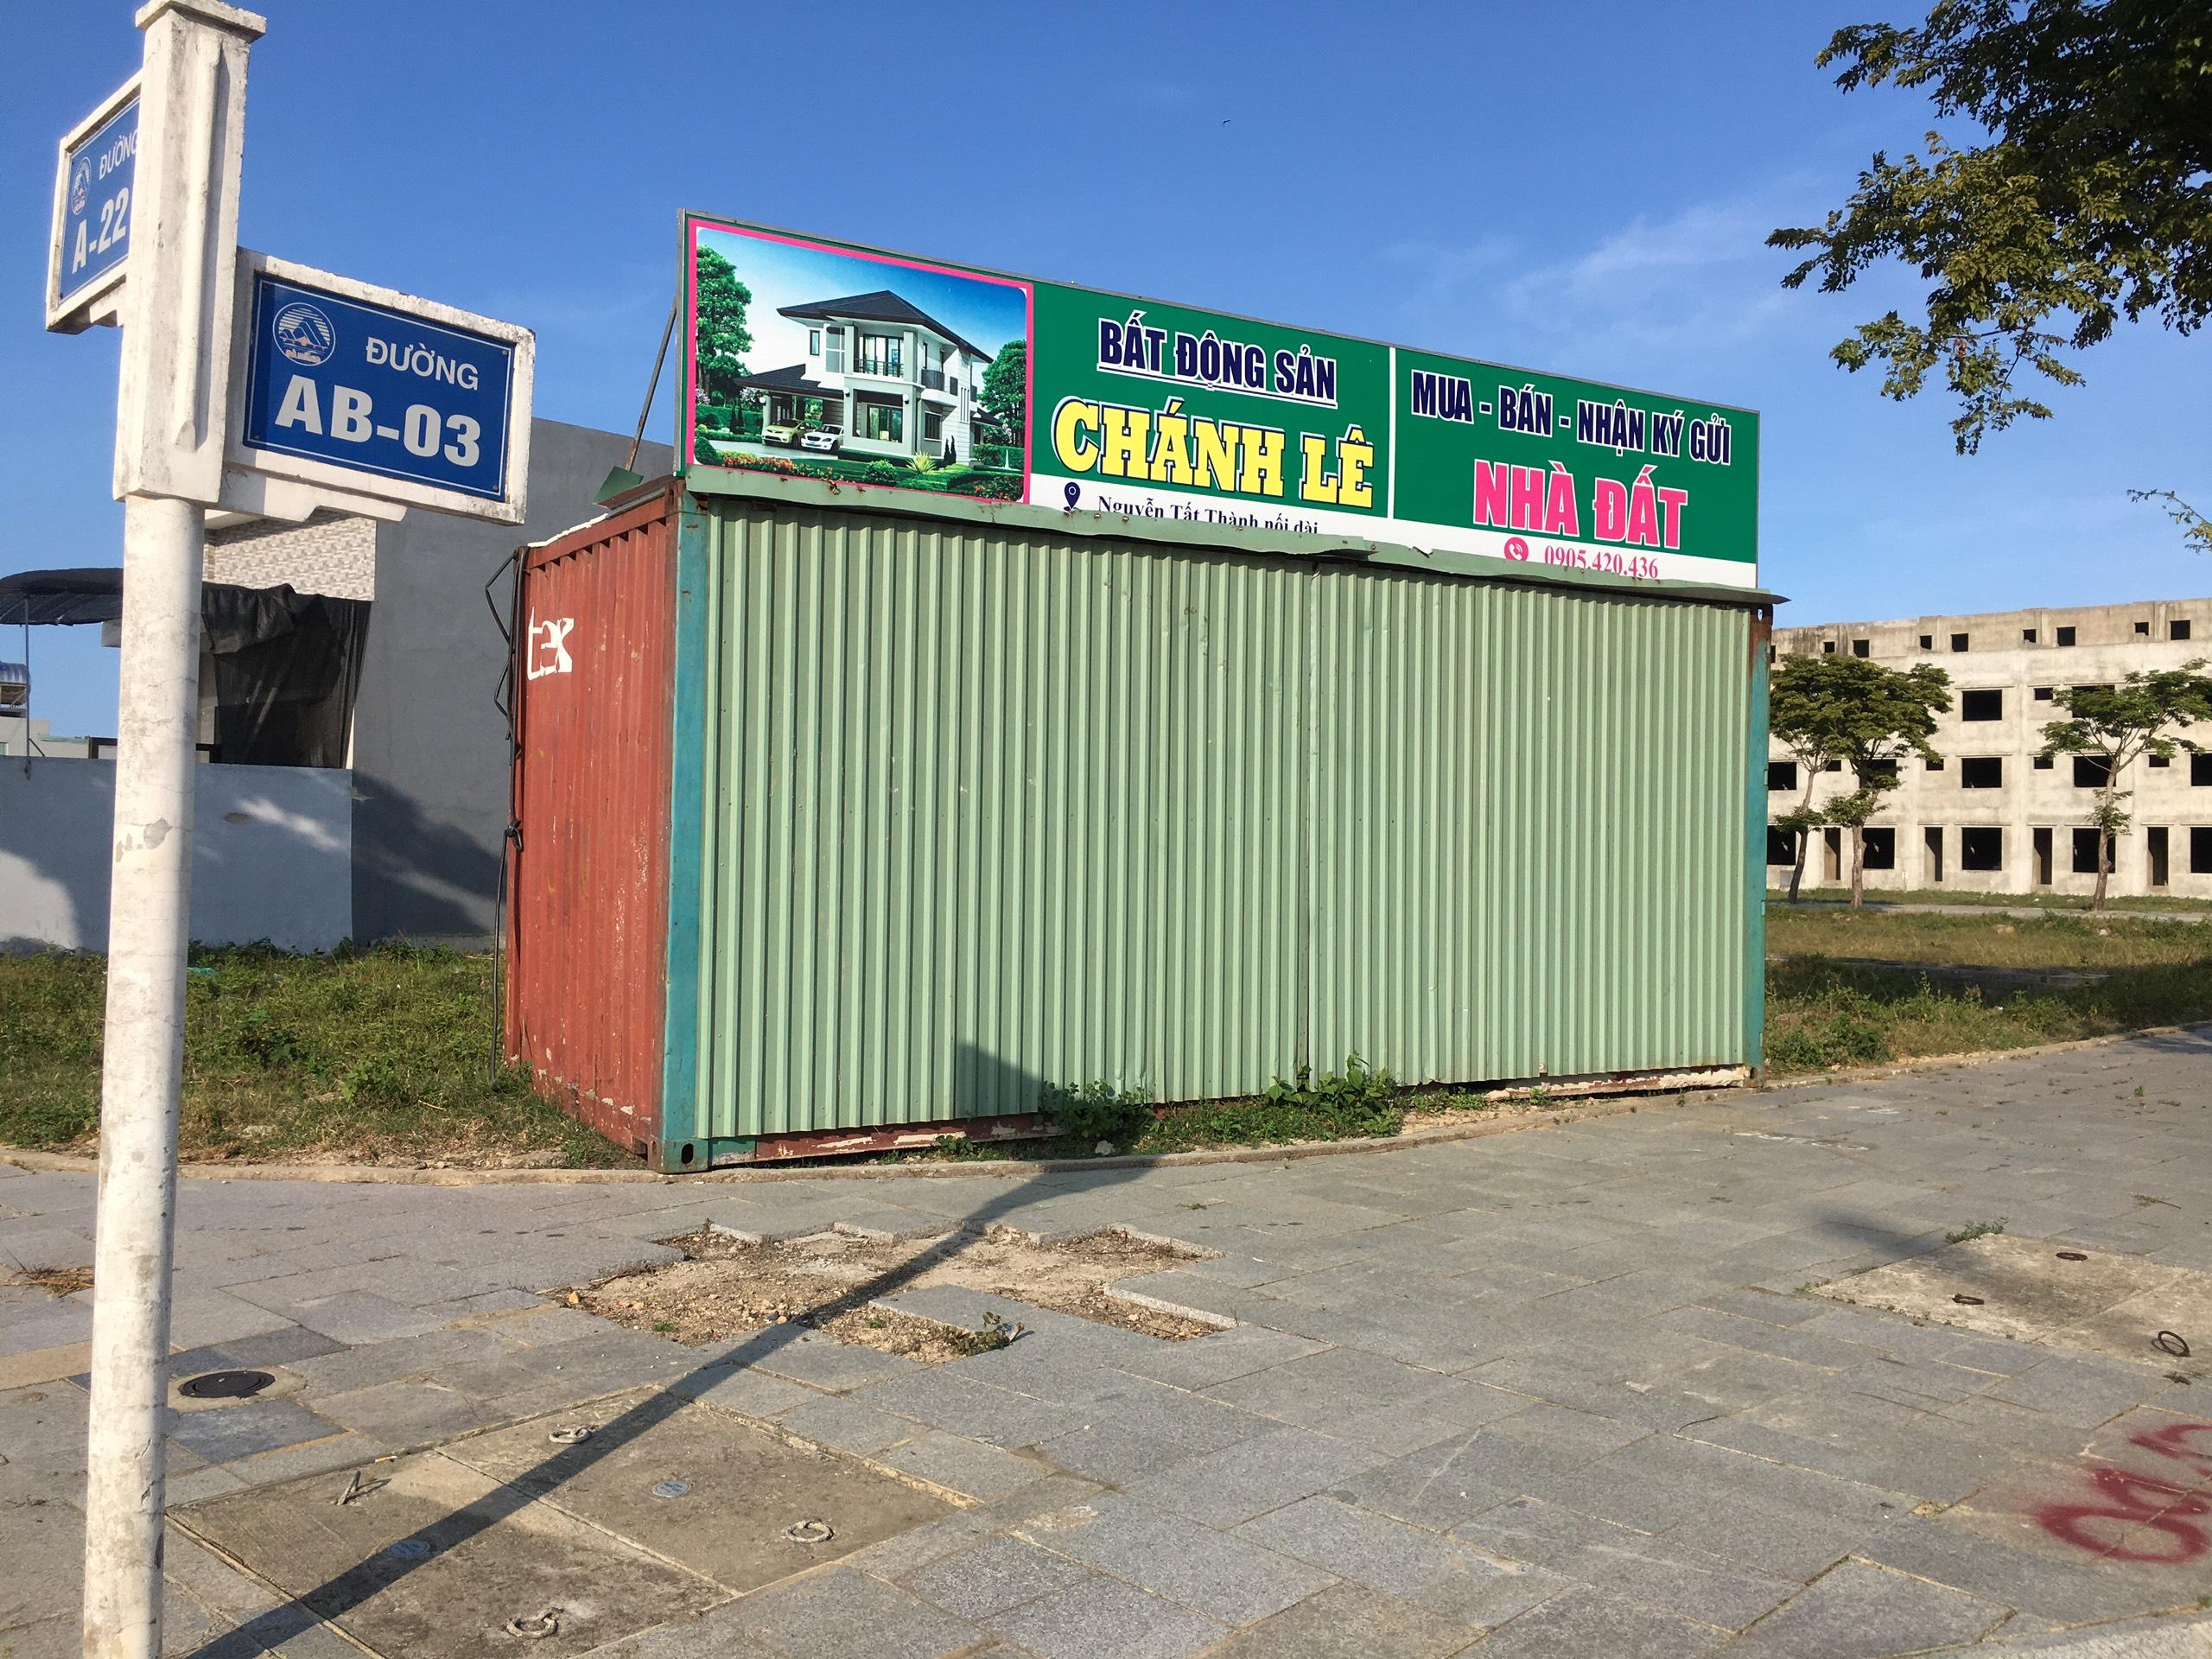 Trở lại nơi sốt đất ở Đà Nẵng, ki ốt bị dẹp hàng loạt, các dự án không bóng người - Ảnh 15.